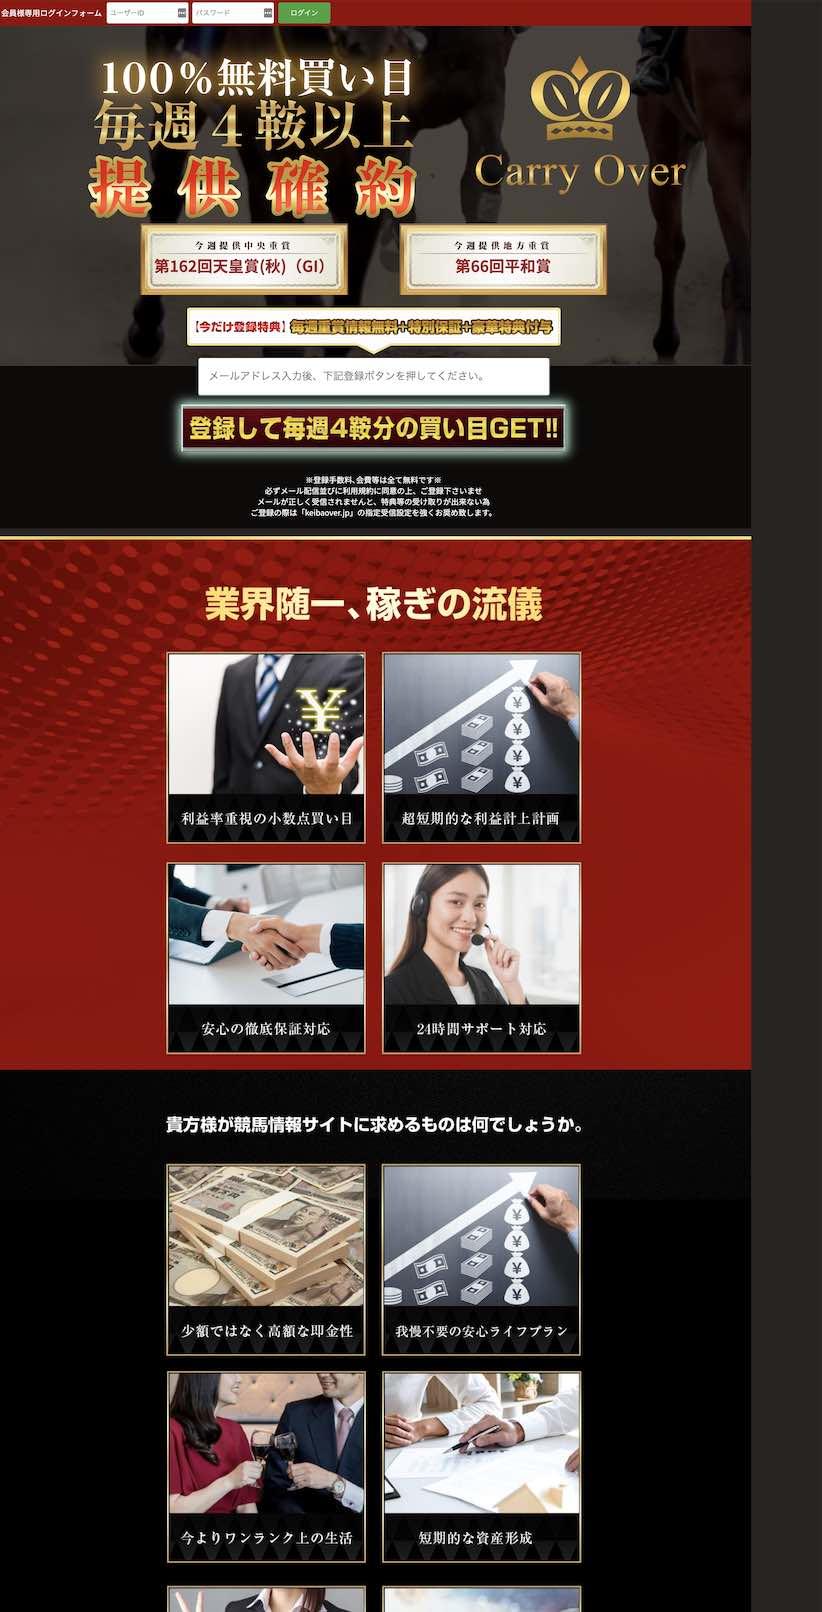 キャリーオーバー(CarryOver)という競馬予想サイトの非会員ページ